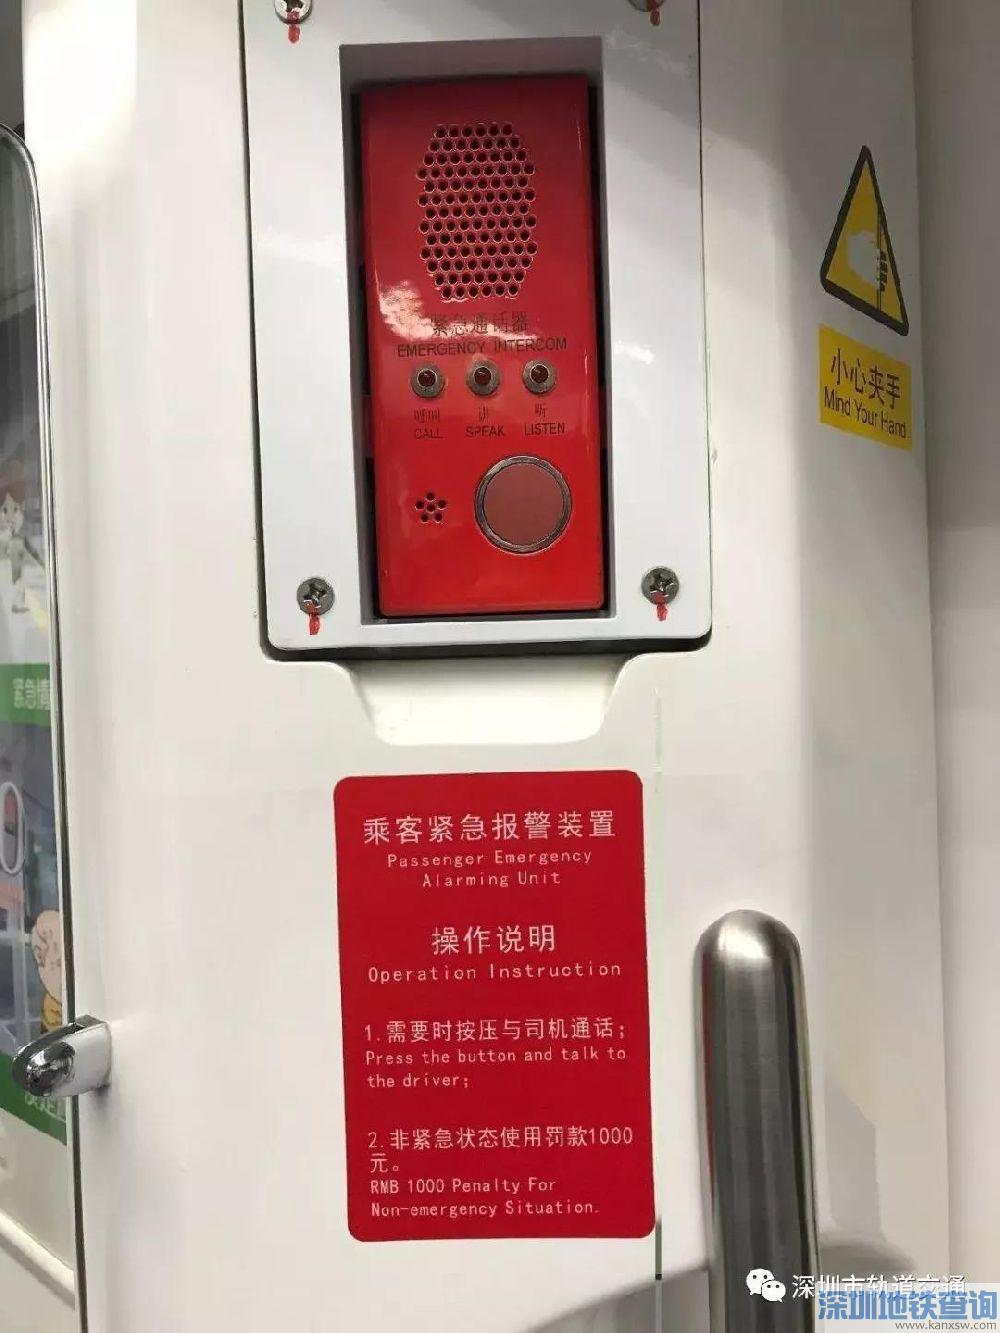 深圳地铁红色紧急按钮小科普:什么情况下才可以使用?